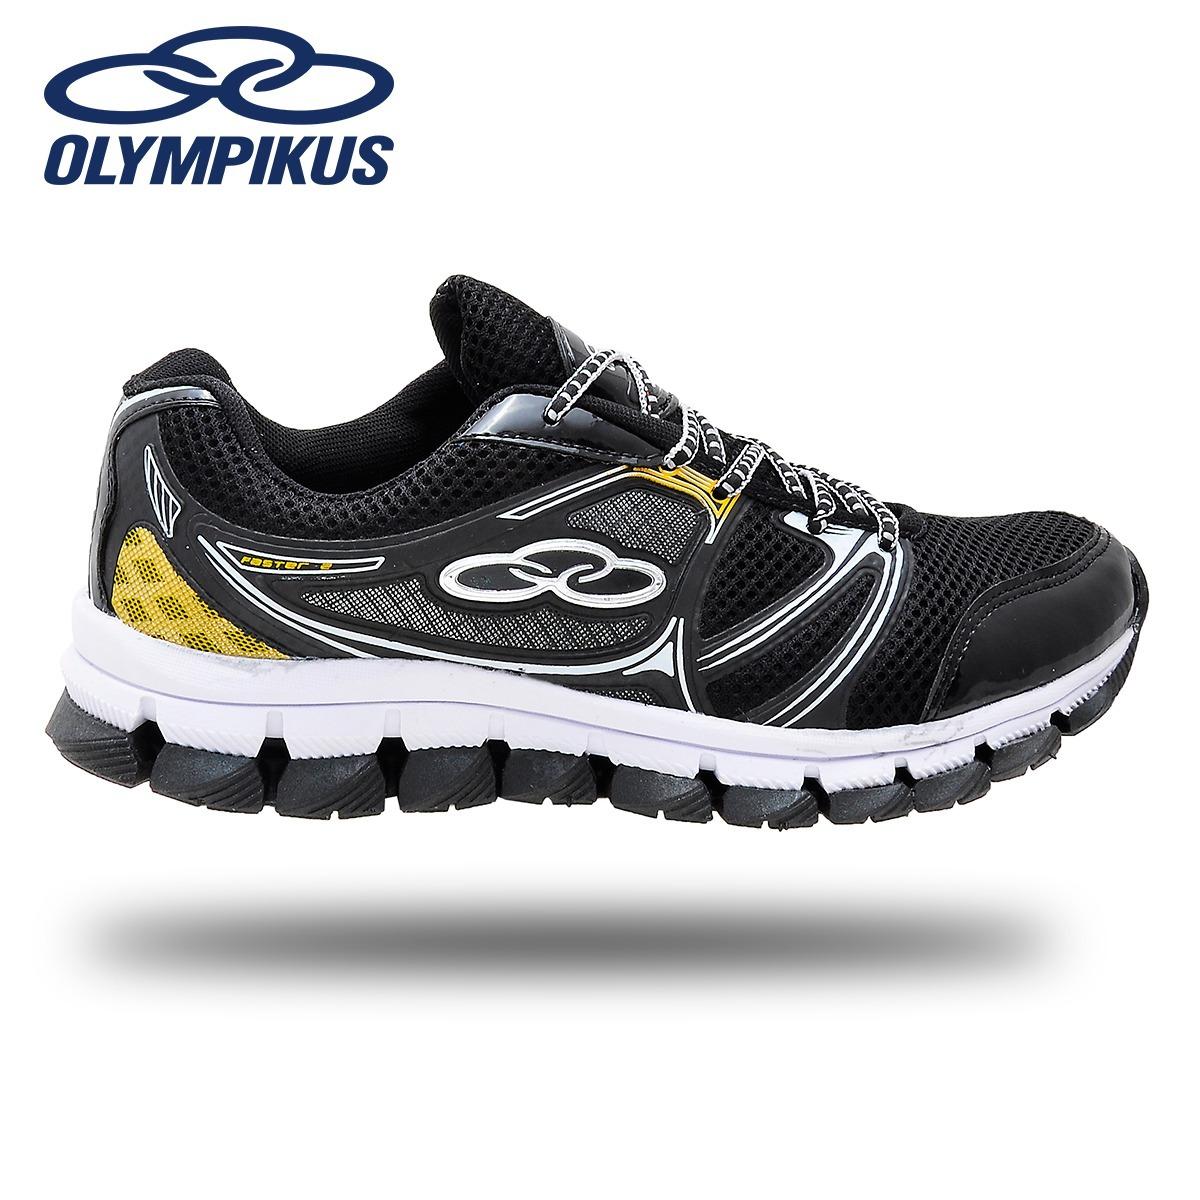 54b0ca75533 Kit 8 Pares Olympikus - R  400